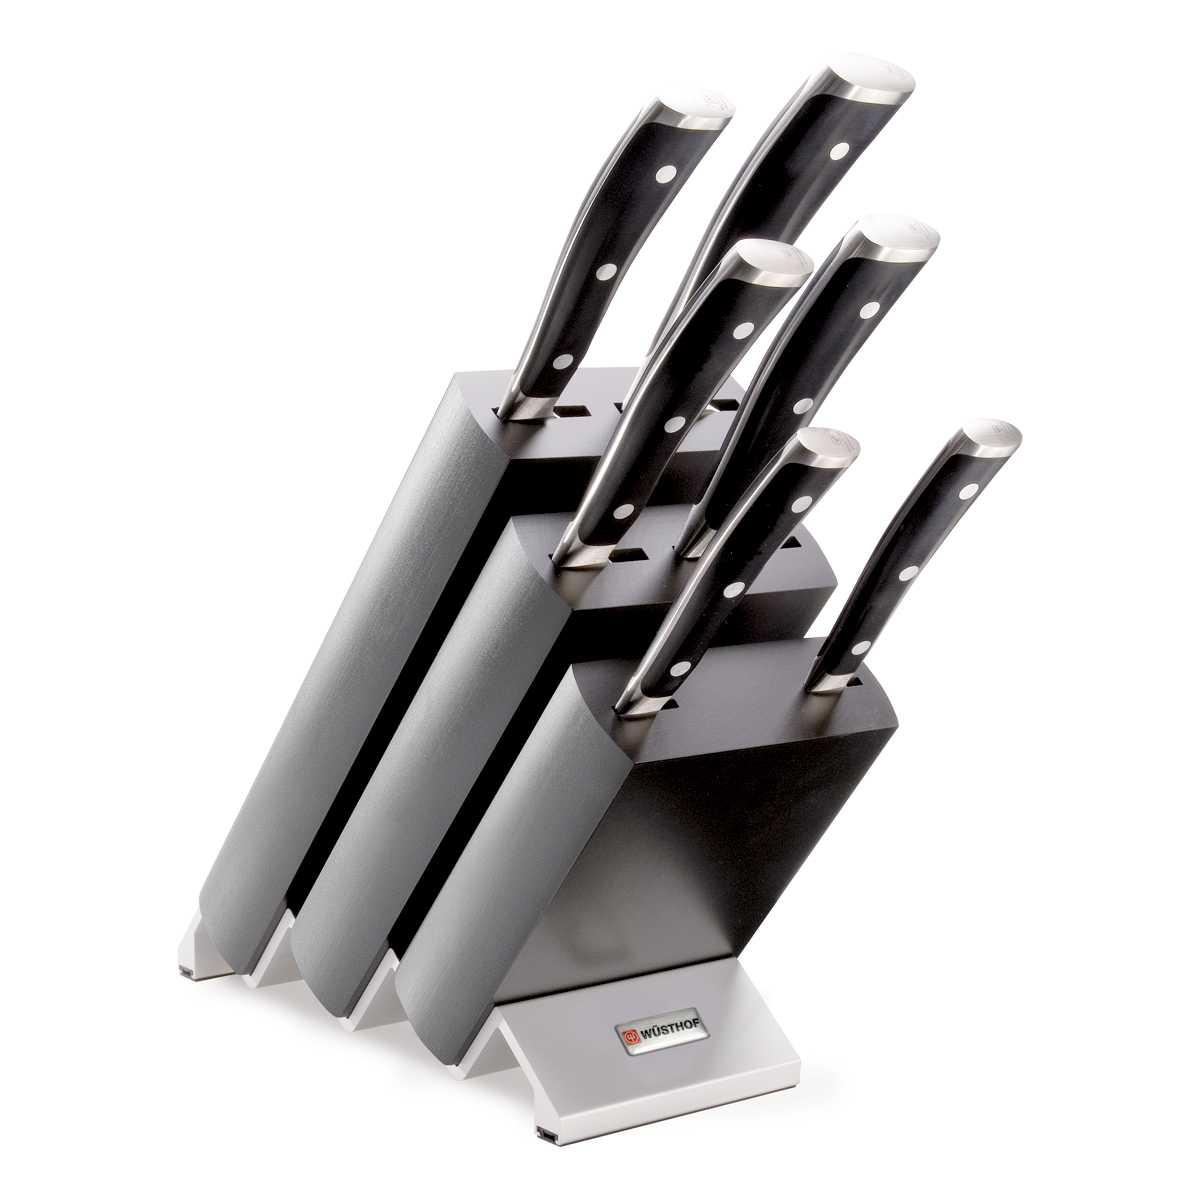 Онлайн каталог PROMENU: Блок с ножами Wuesthof Classic Ikon, темно-серый, 7 предметов Wuesthof 9876